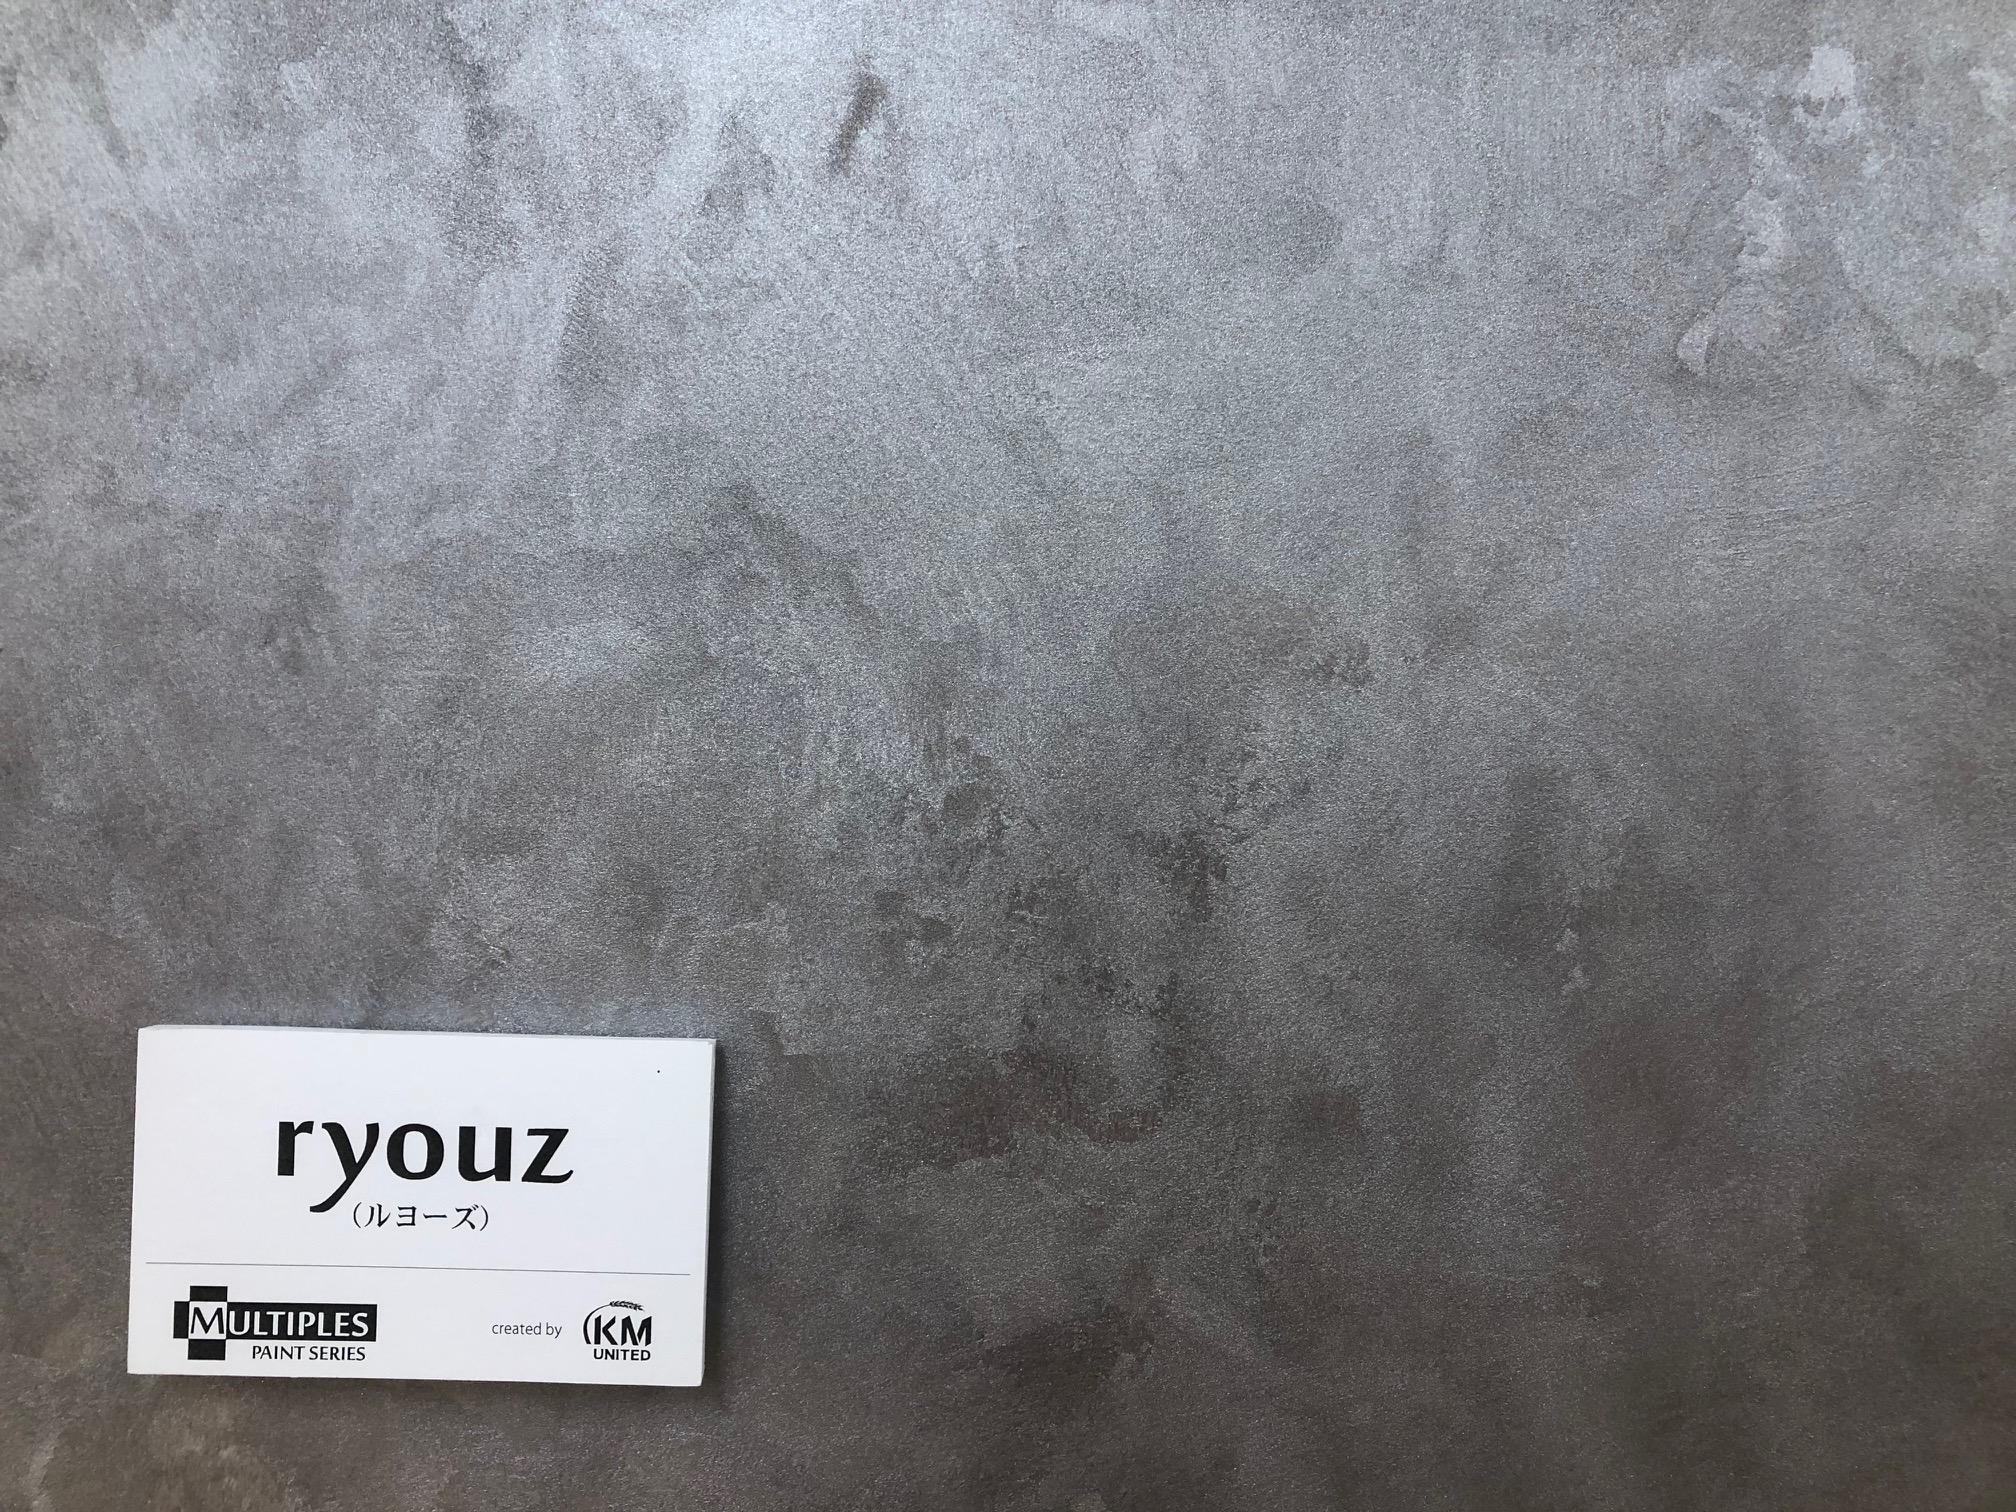 ryouz(ルヨーズ)